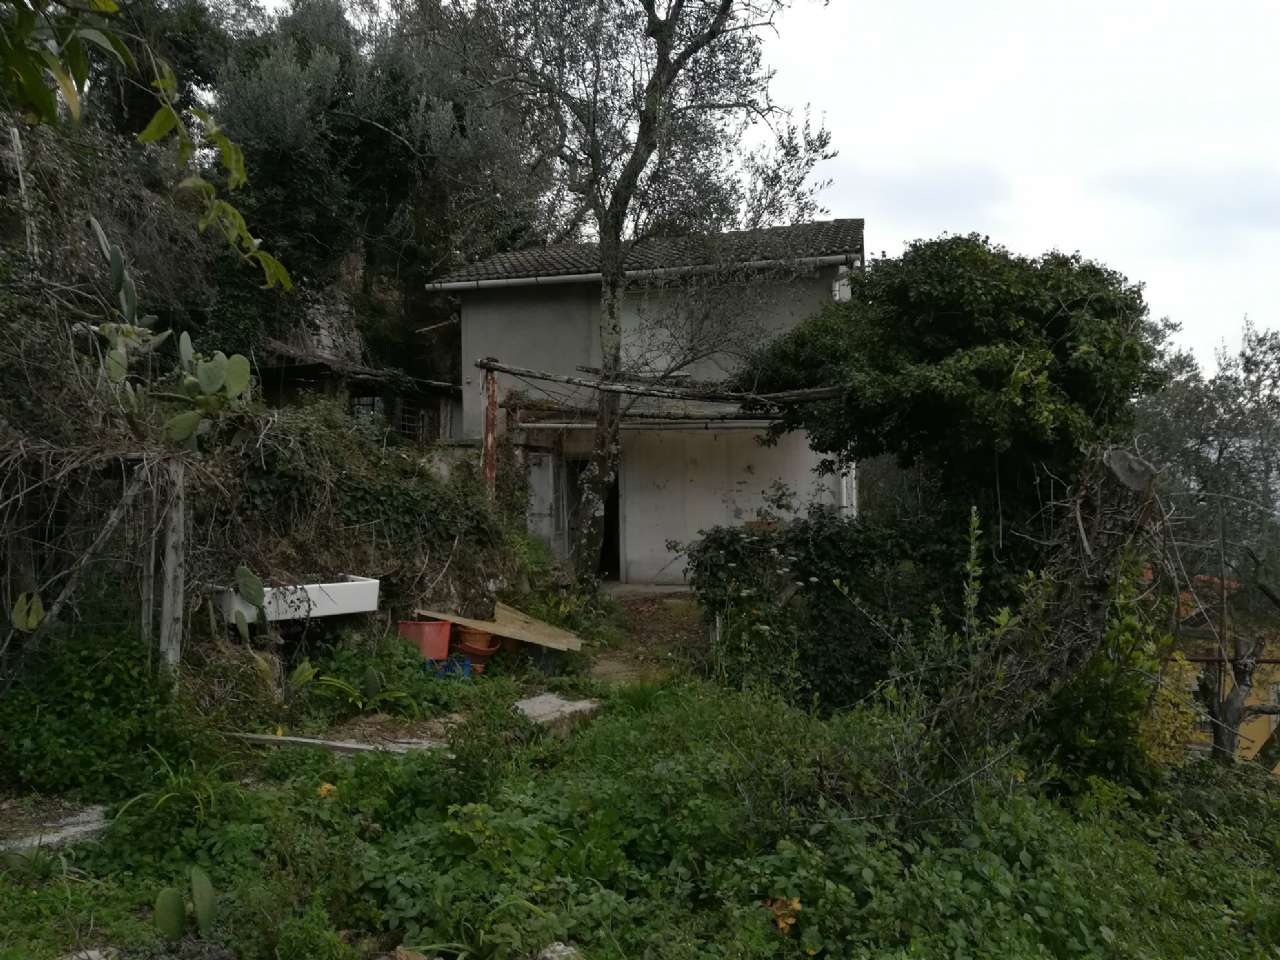 Rustico / Casale in vendita a Rapallo, 4 locali, prezzo € 118.000 | CambioCasa.it